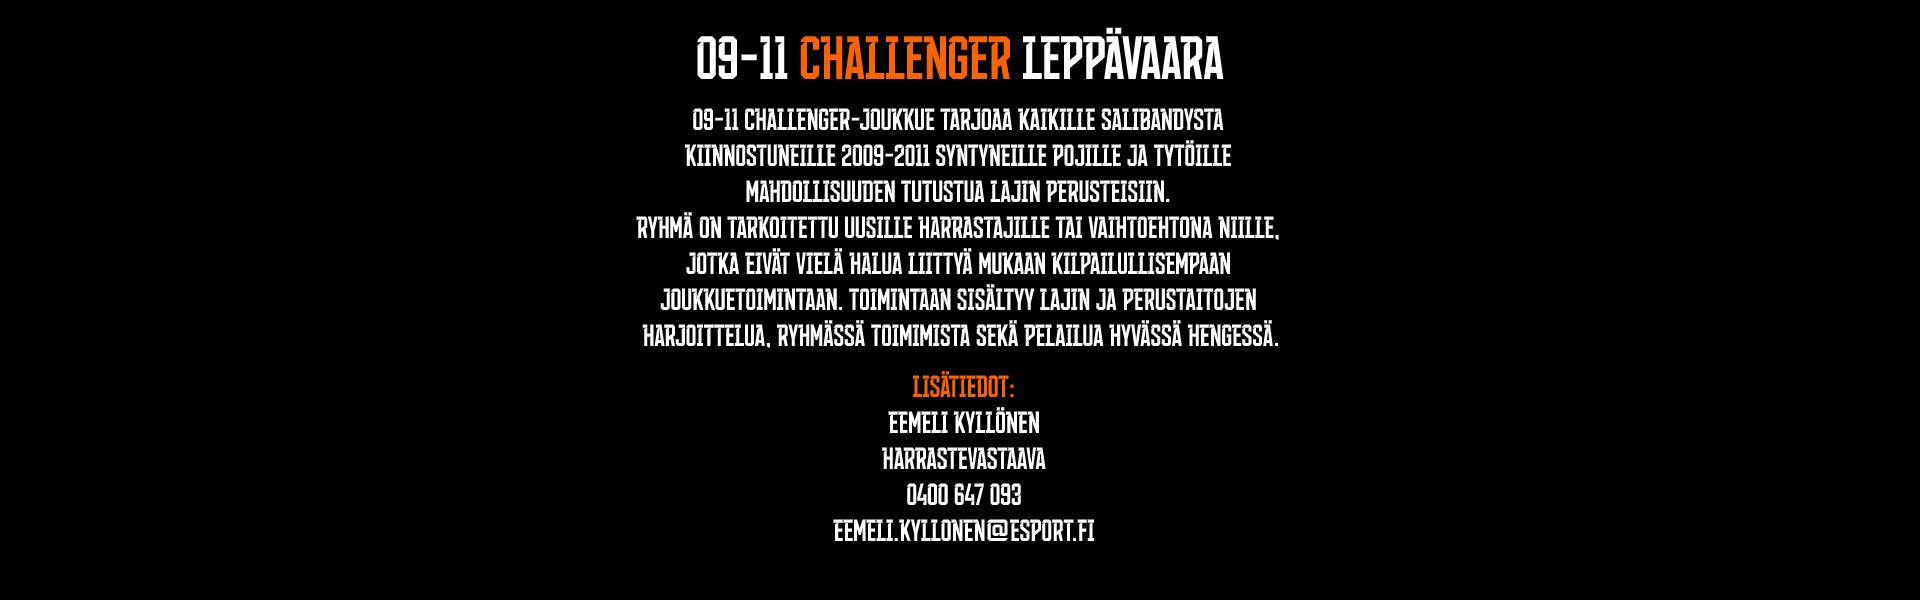 09-11 CHALLENGER LEPPÄVAARA